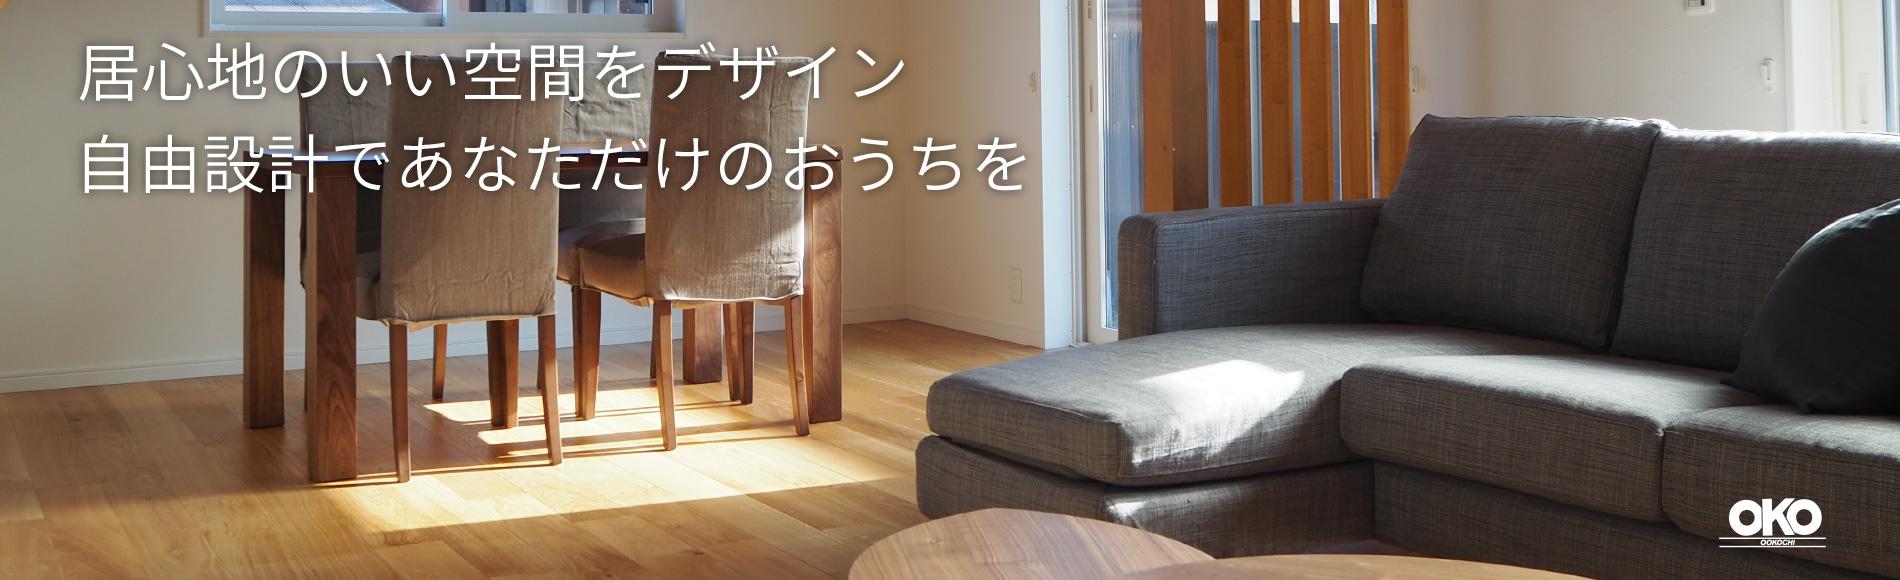 居心地のいい空間をデザイン 自由設計であなただけのおうちを